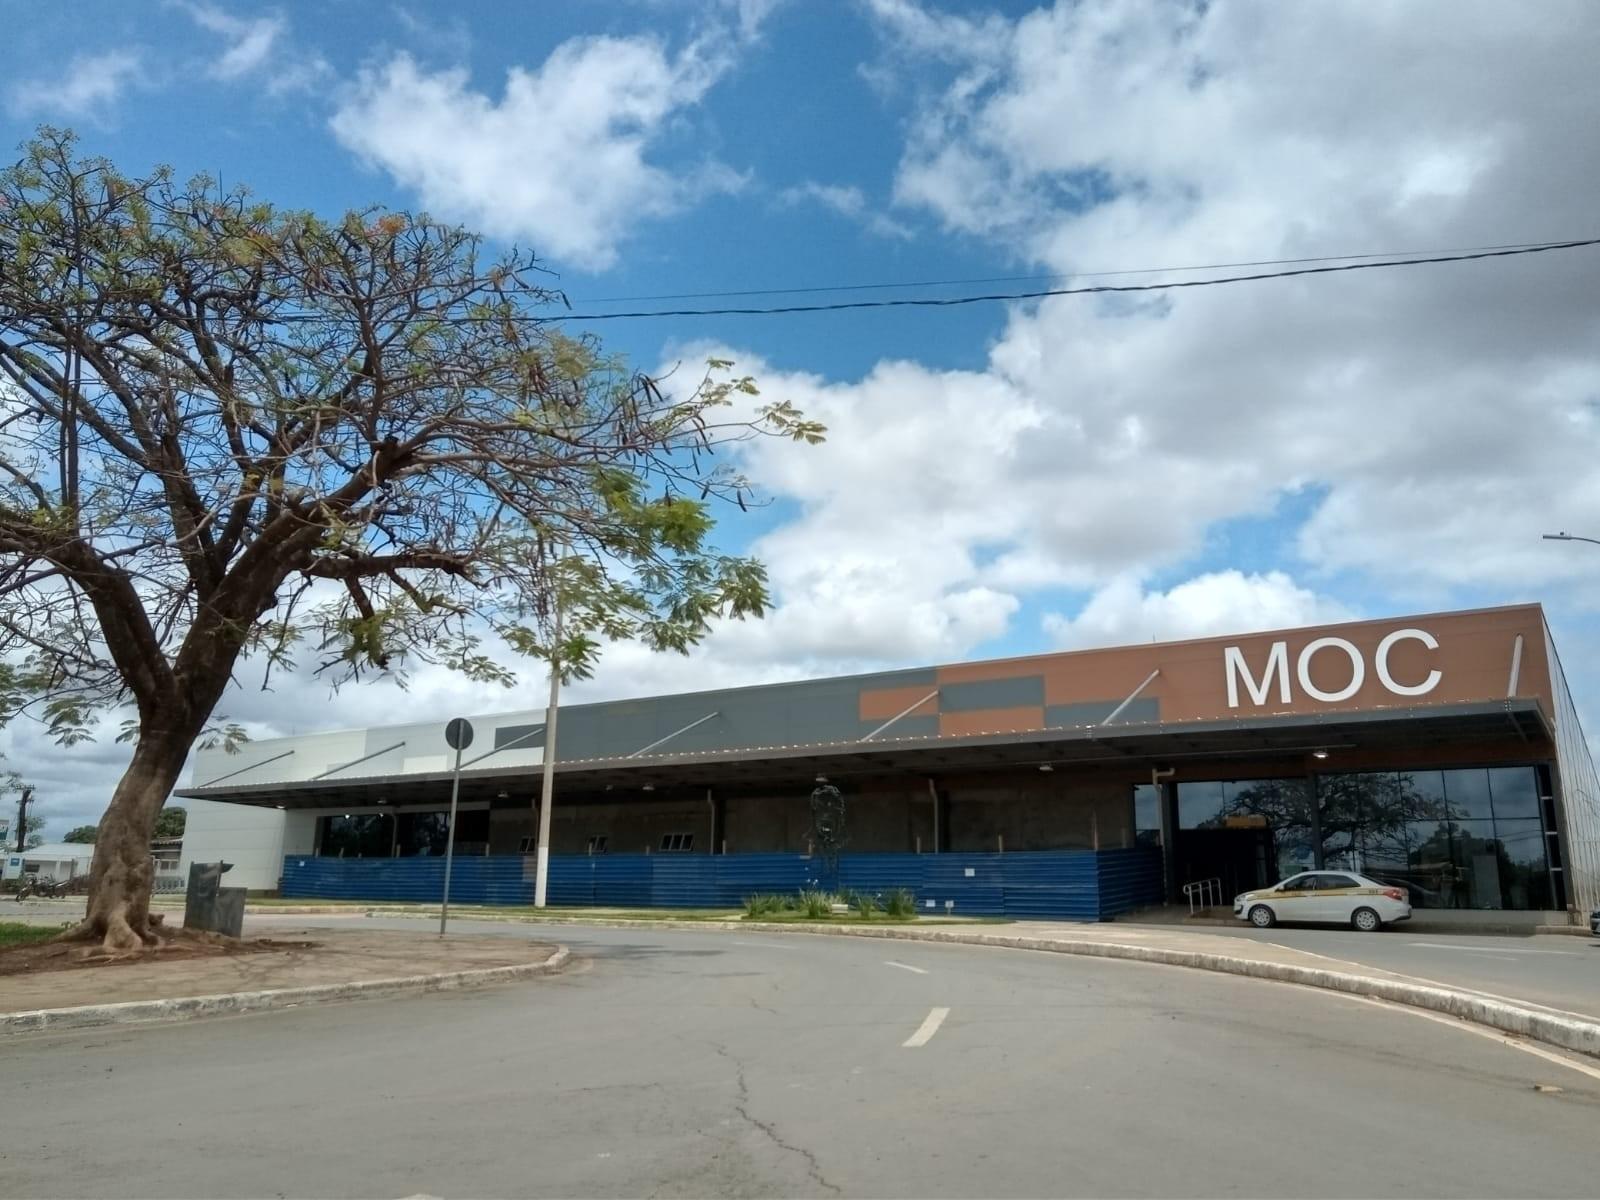 Avião que seguia para Belo Horizonte retorna ao aeroporto de Montes Claros por causa de problemas técnicos